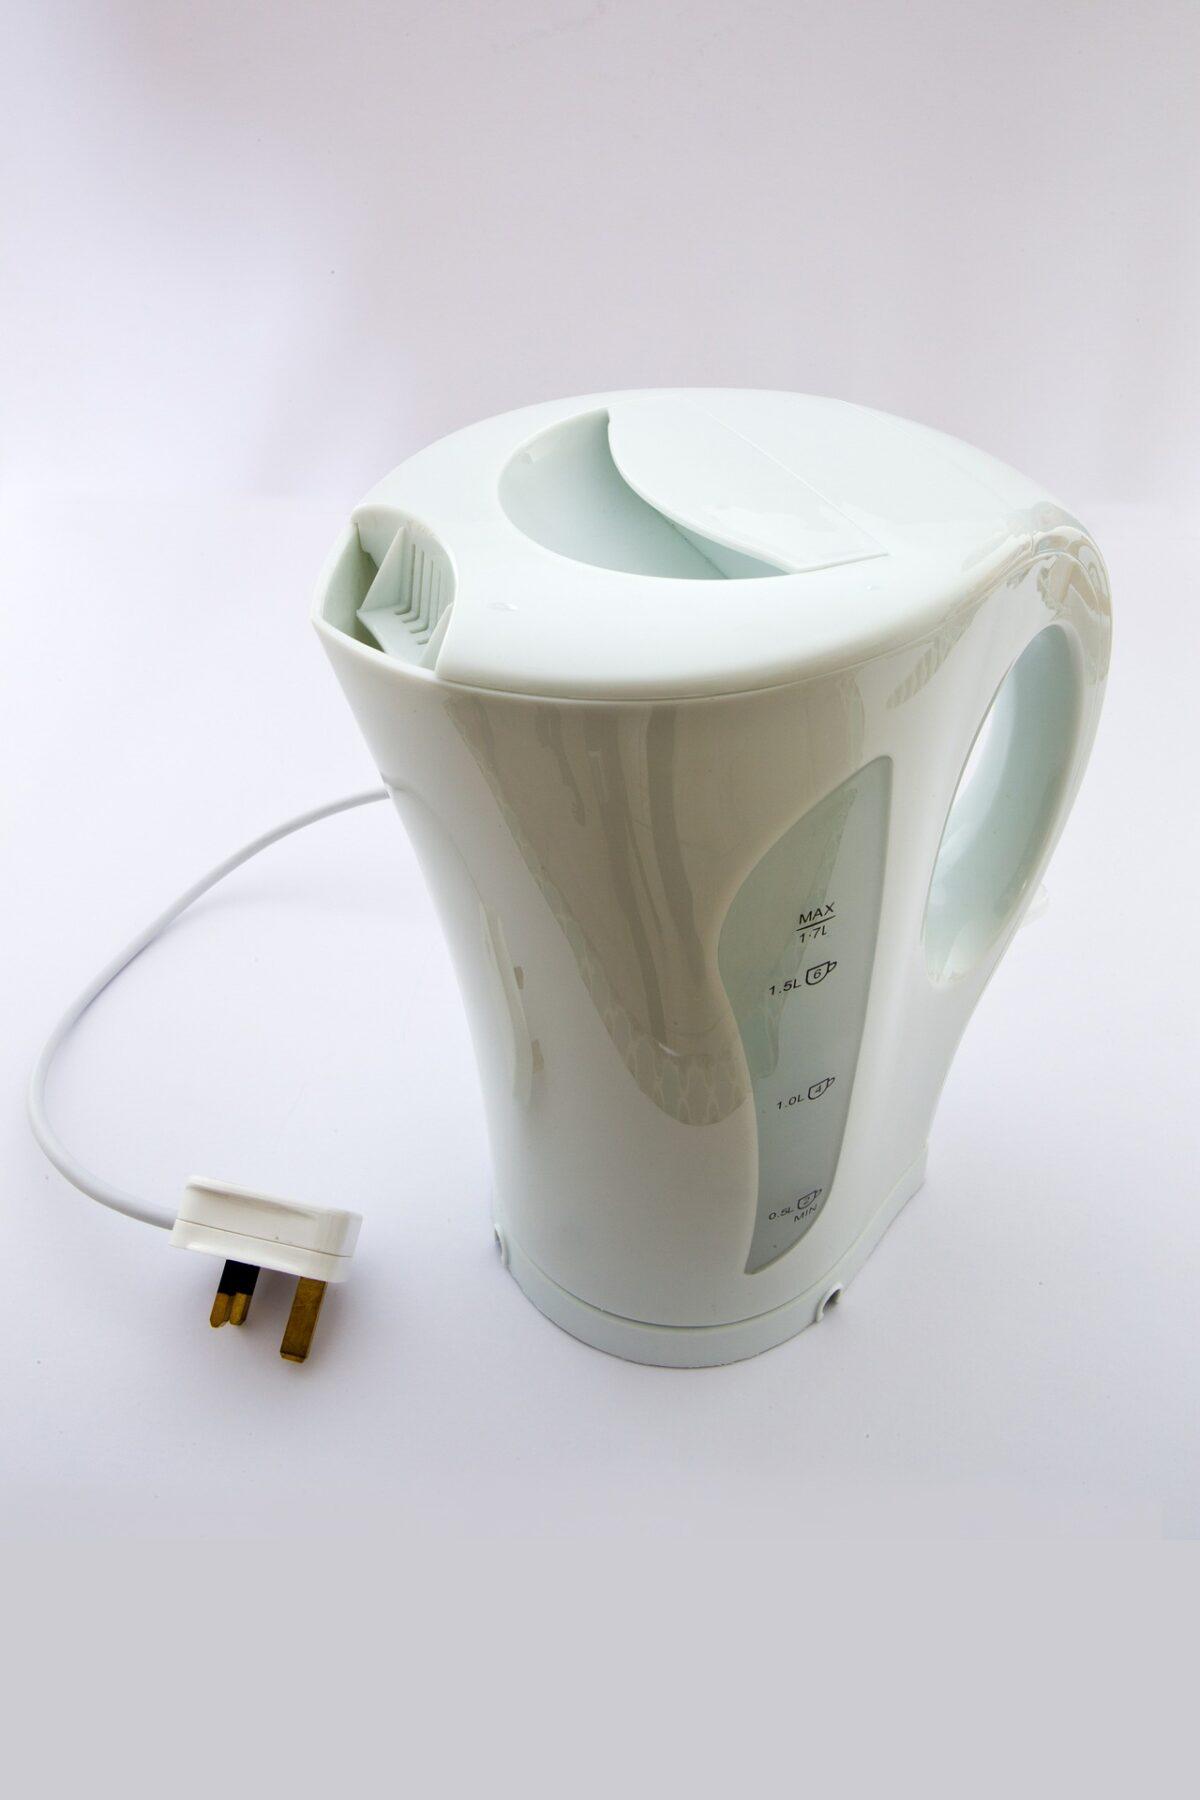 Jak usunąć kamień z czajnika elektrycznego domowymi sposobami? Doradzamy